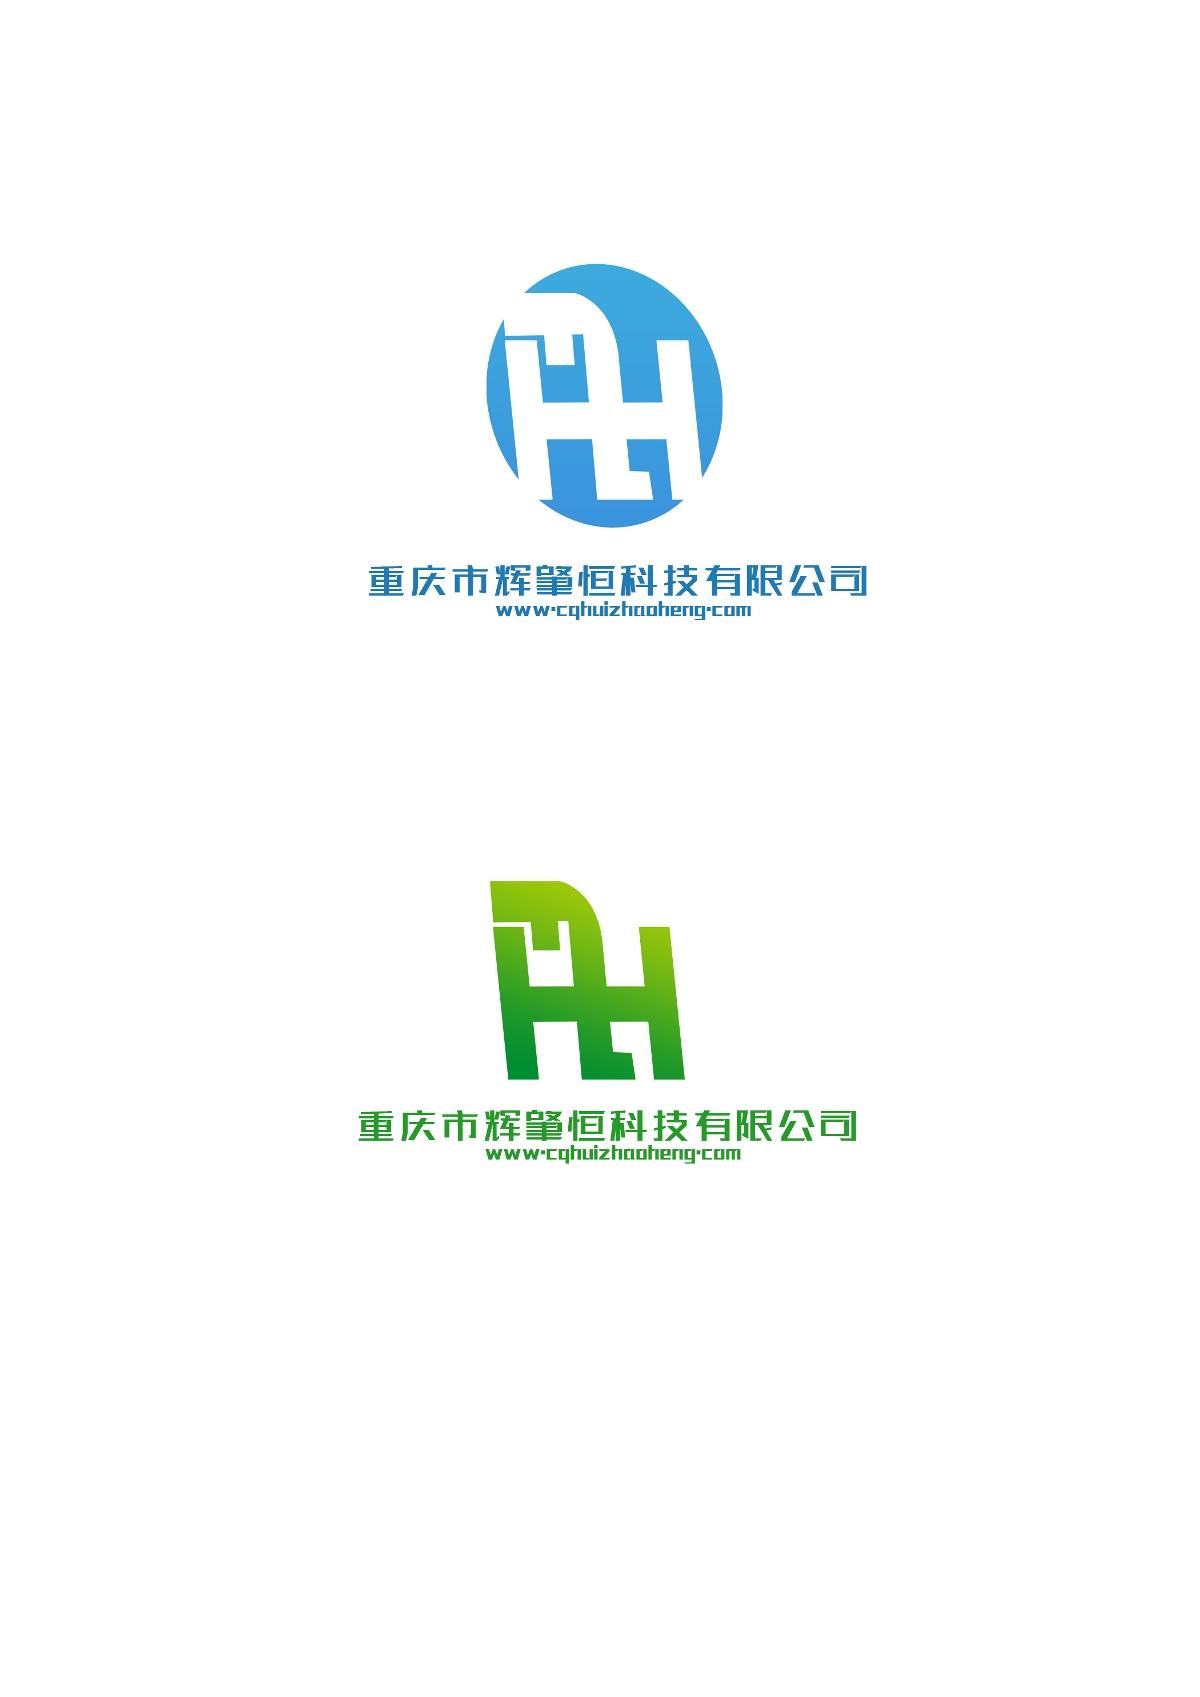 重庆辉肇恒科技有限公司